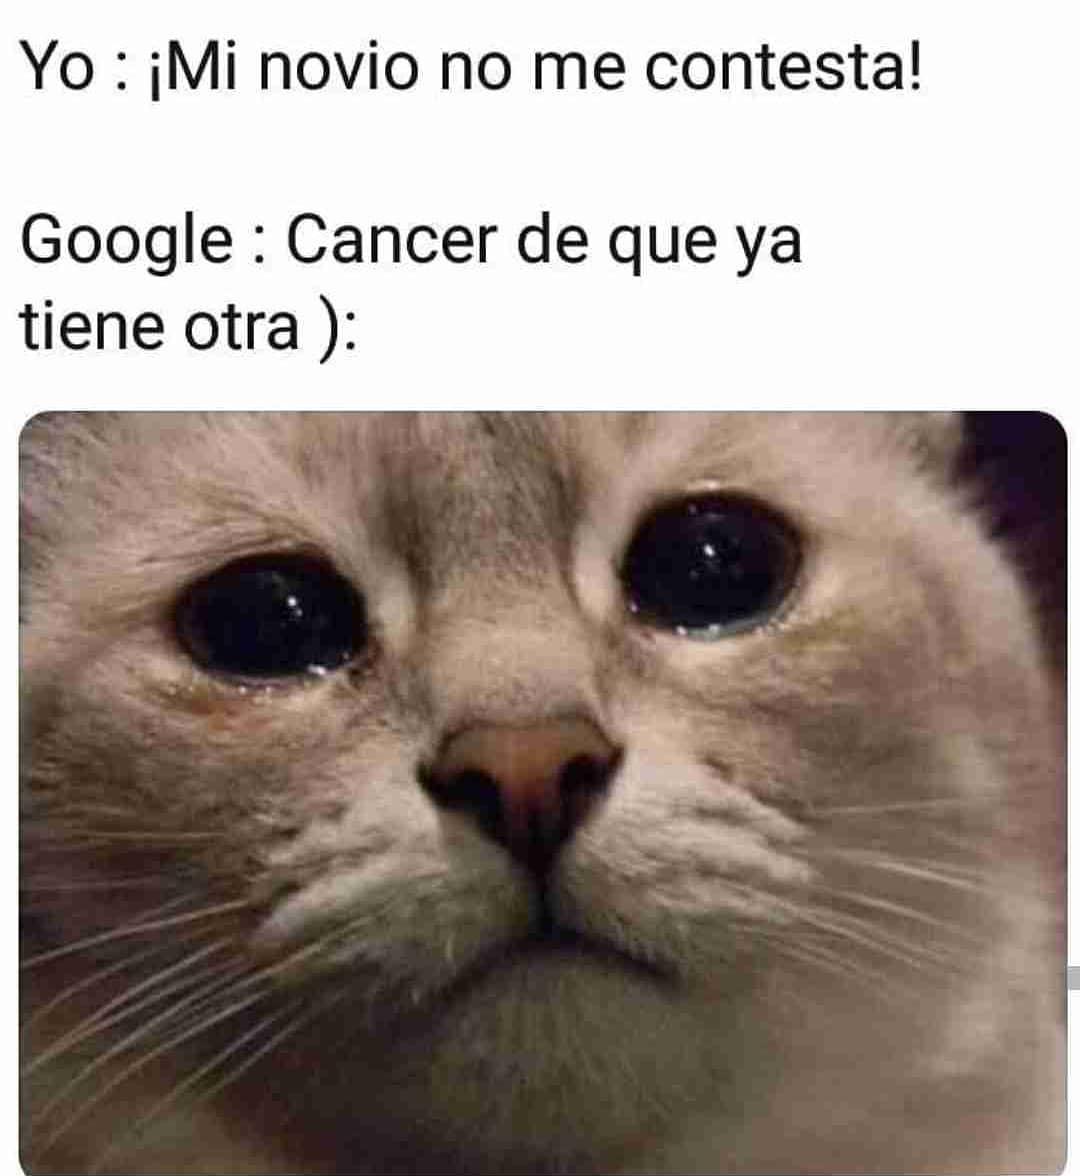 Yo: ¡Mi novio no me contesta!  Google: Cáncer de que ya tiene otra.